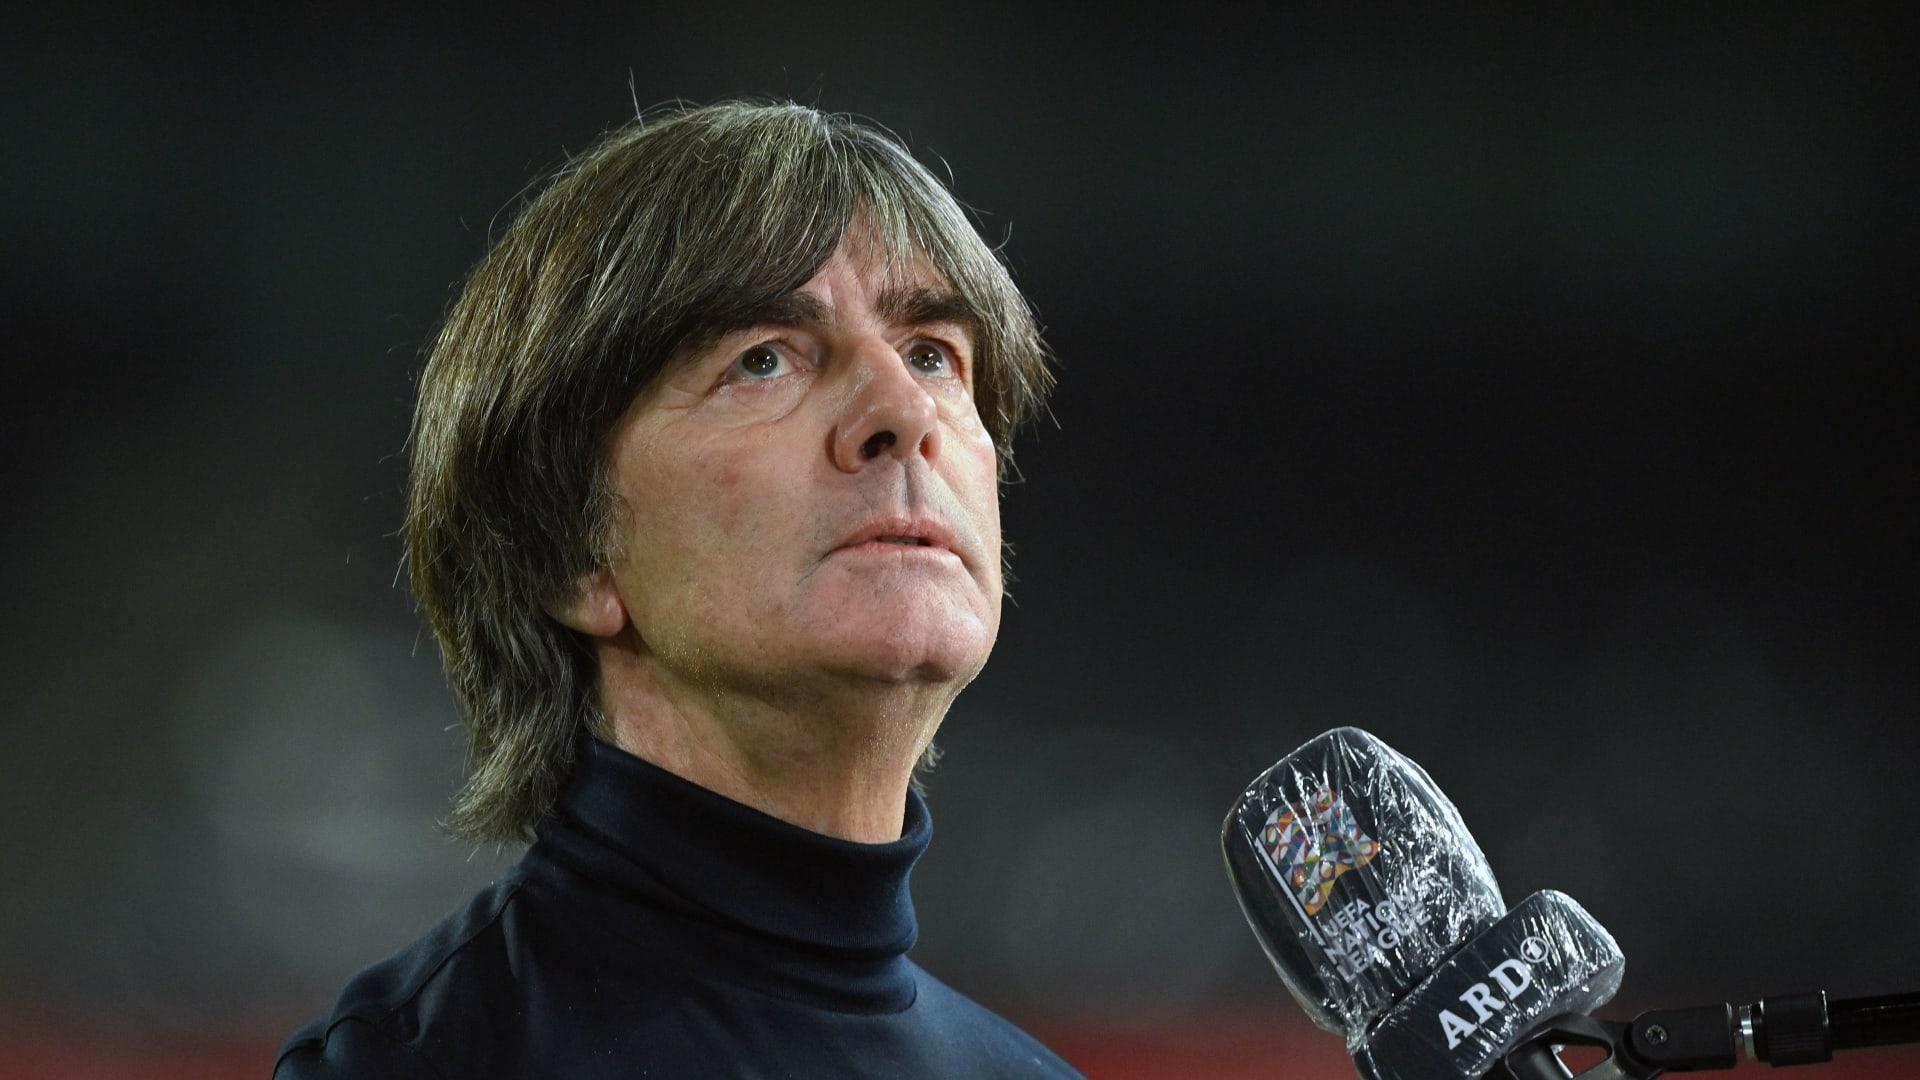 يواكيم لوف يتنحى عن تدريب منتخب ألمانيا بعد بطولة أوروبا 2020